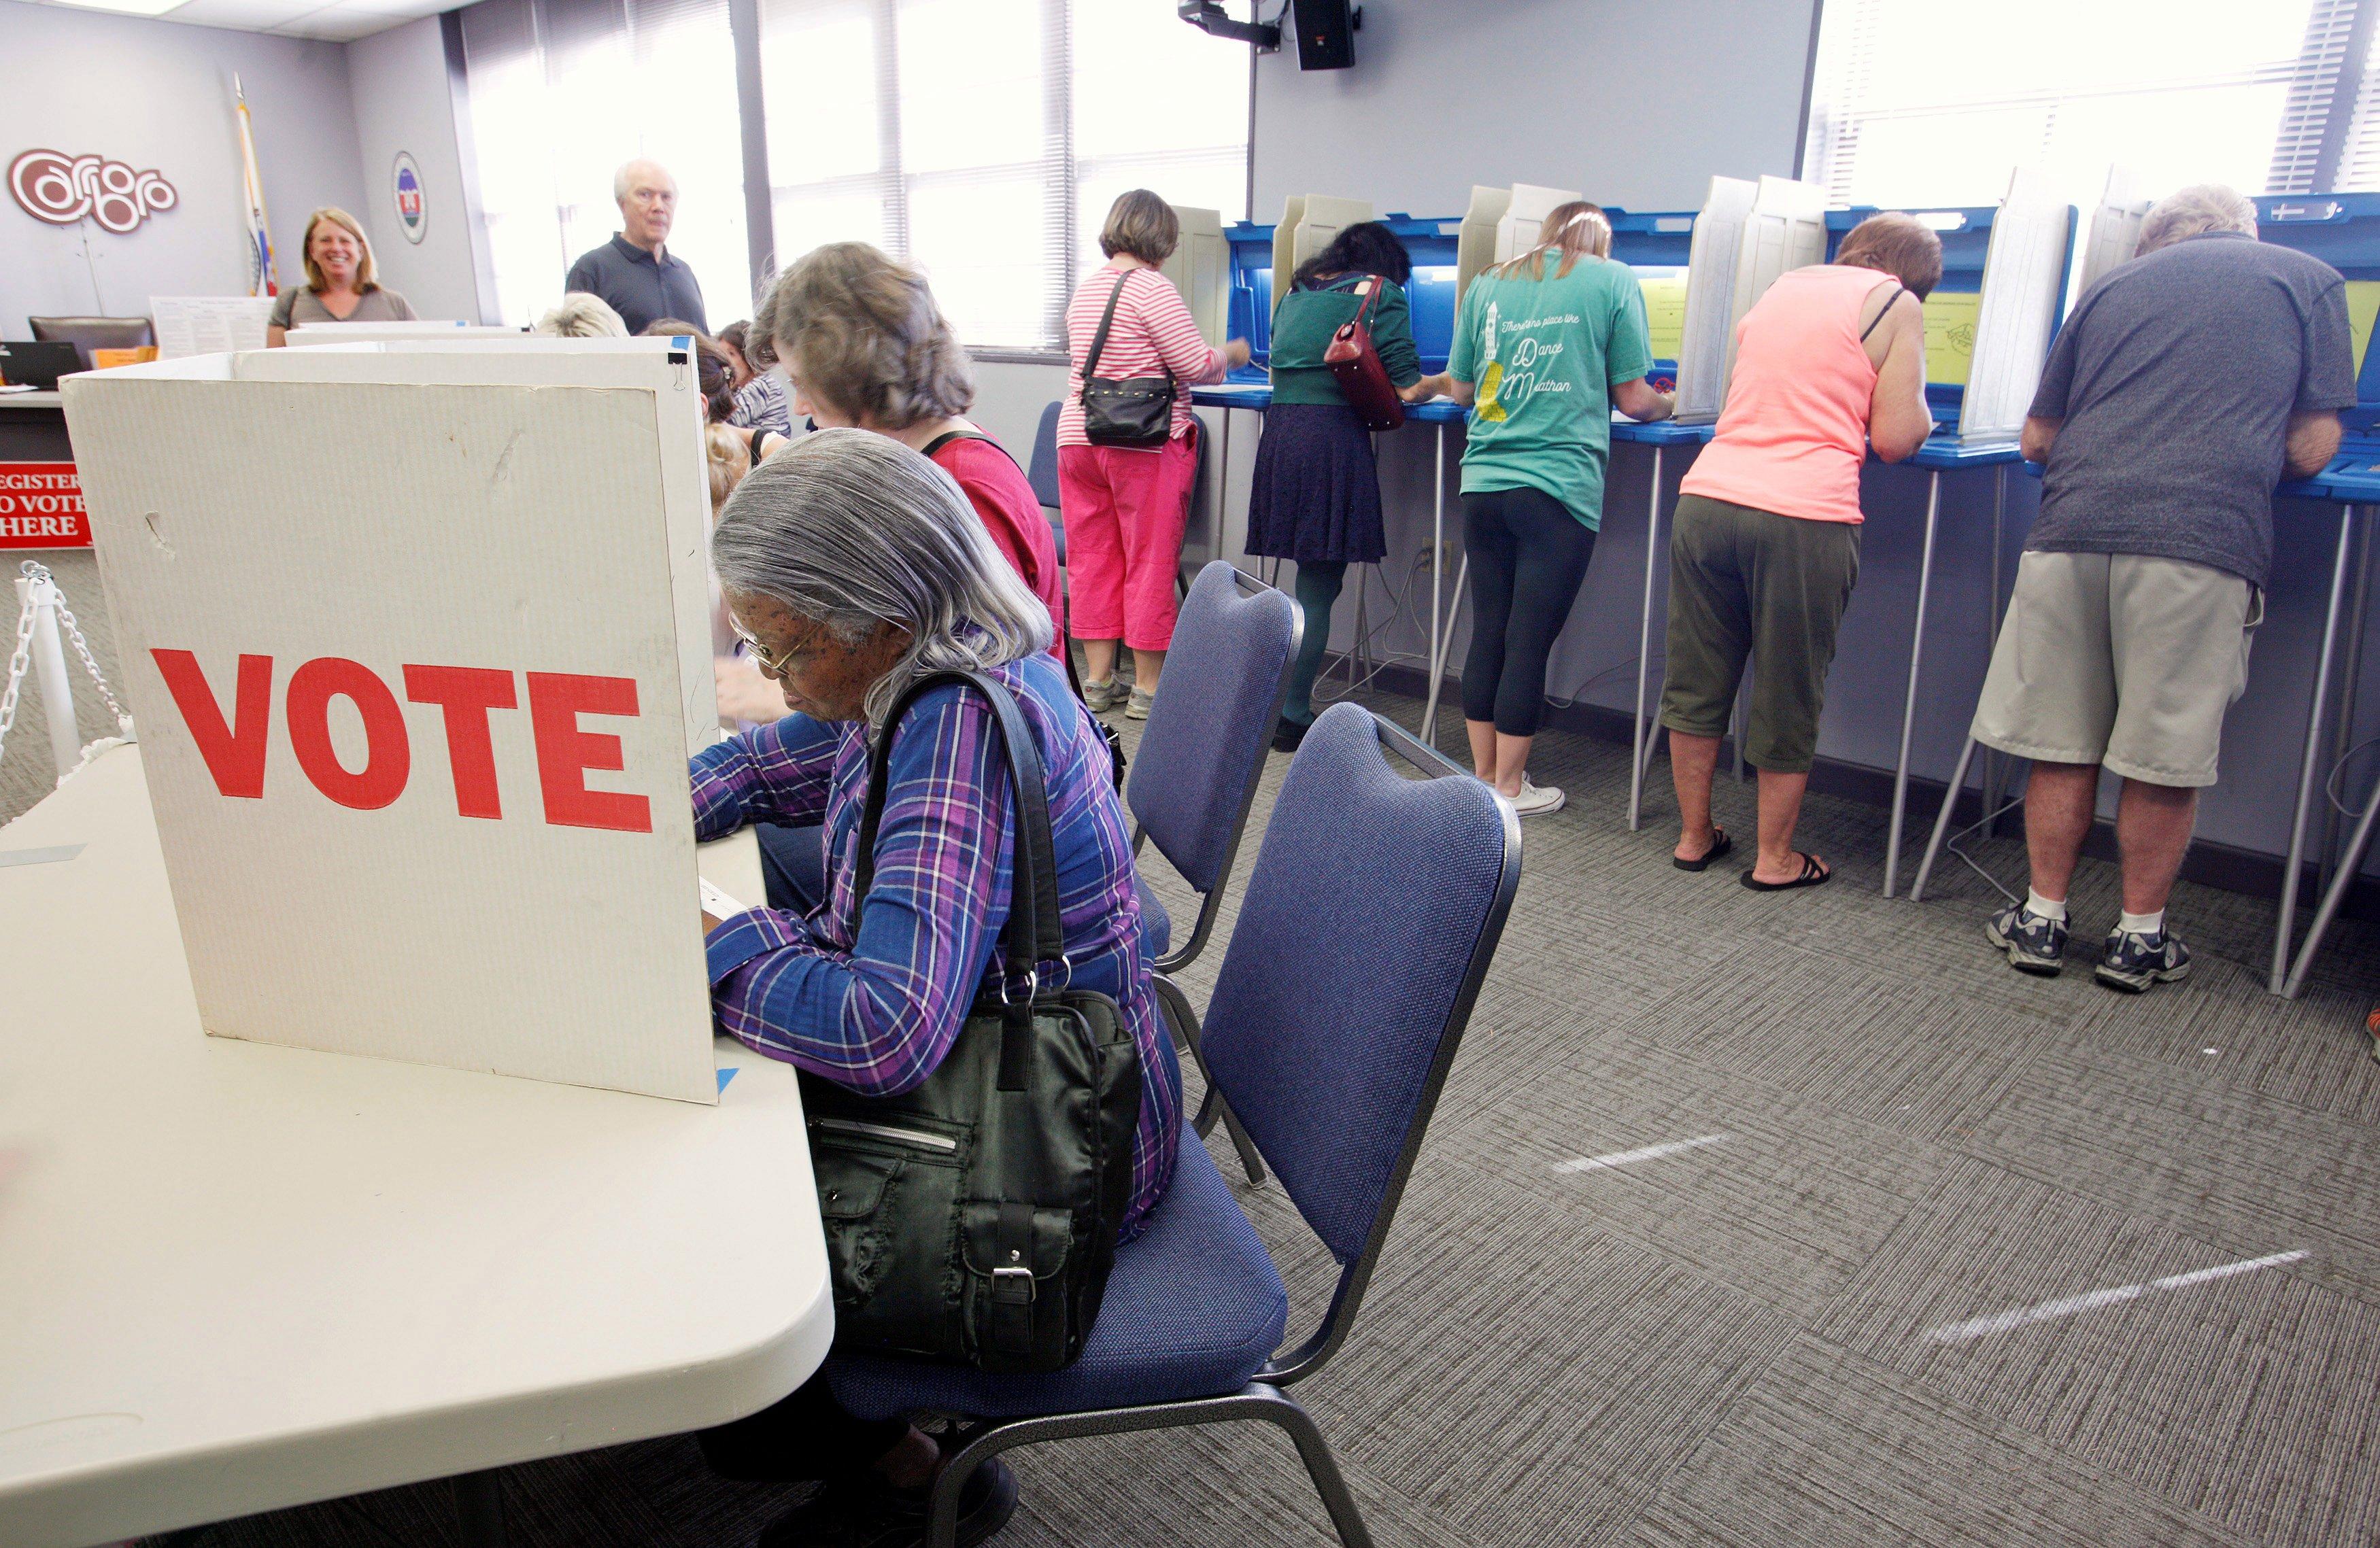 لحظه به لحظه با انتخابات آمریکا: آغاز رای گیری در شش ایالت شرقی / پیشتازی دونالد ترامپ در ایالت نیوهمپشایر